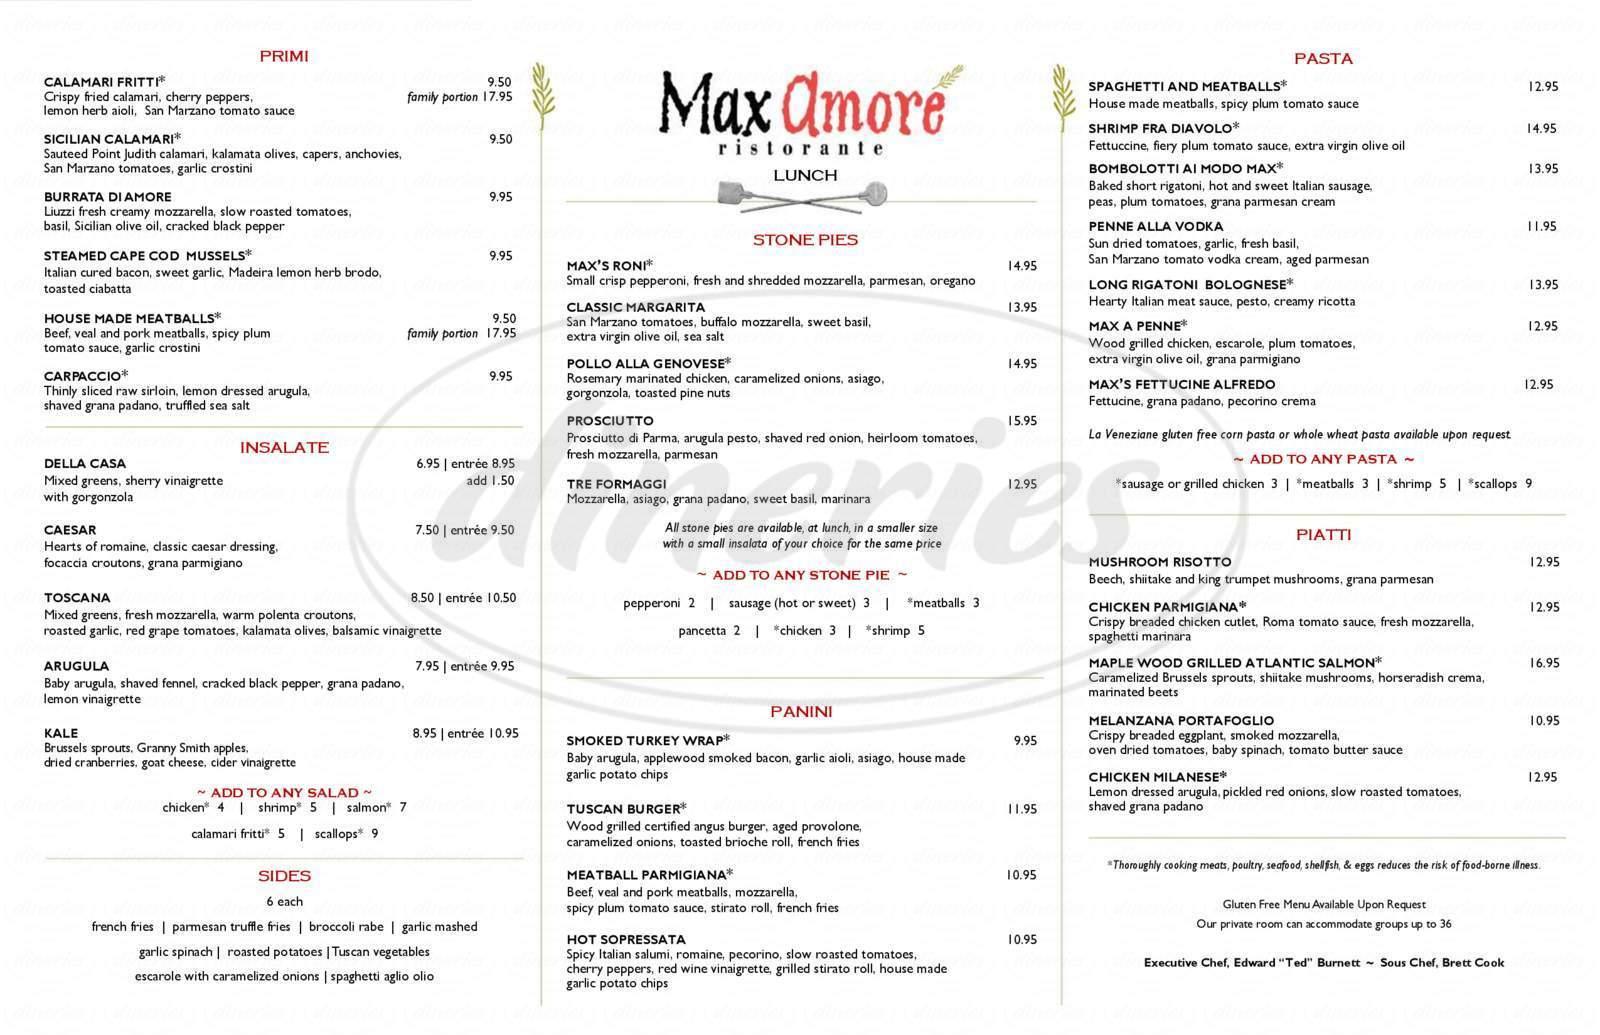 menu for Max Amore